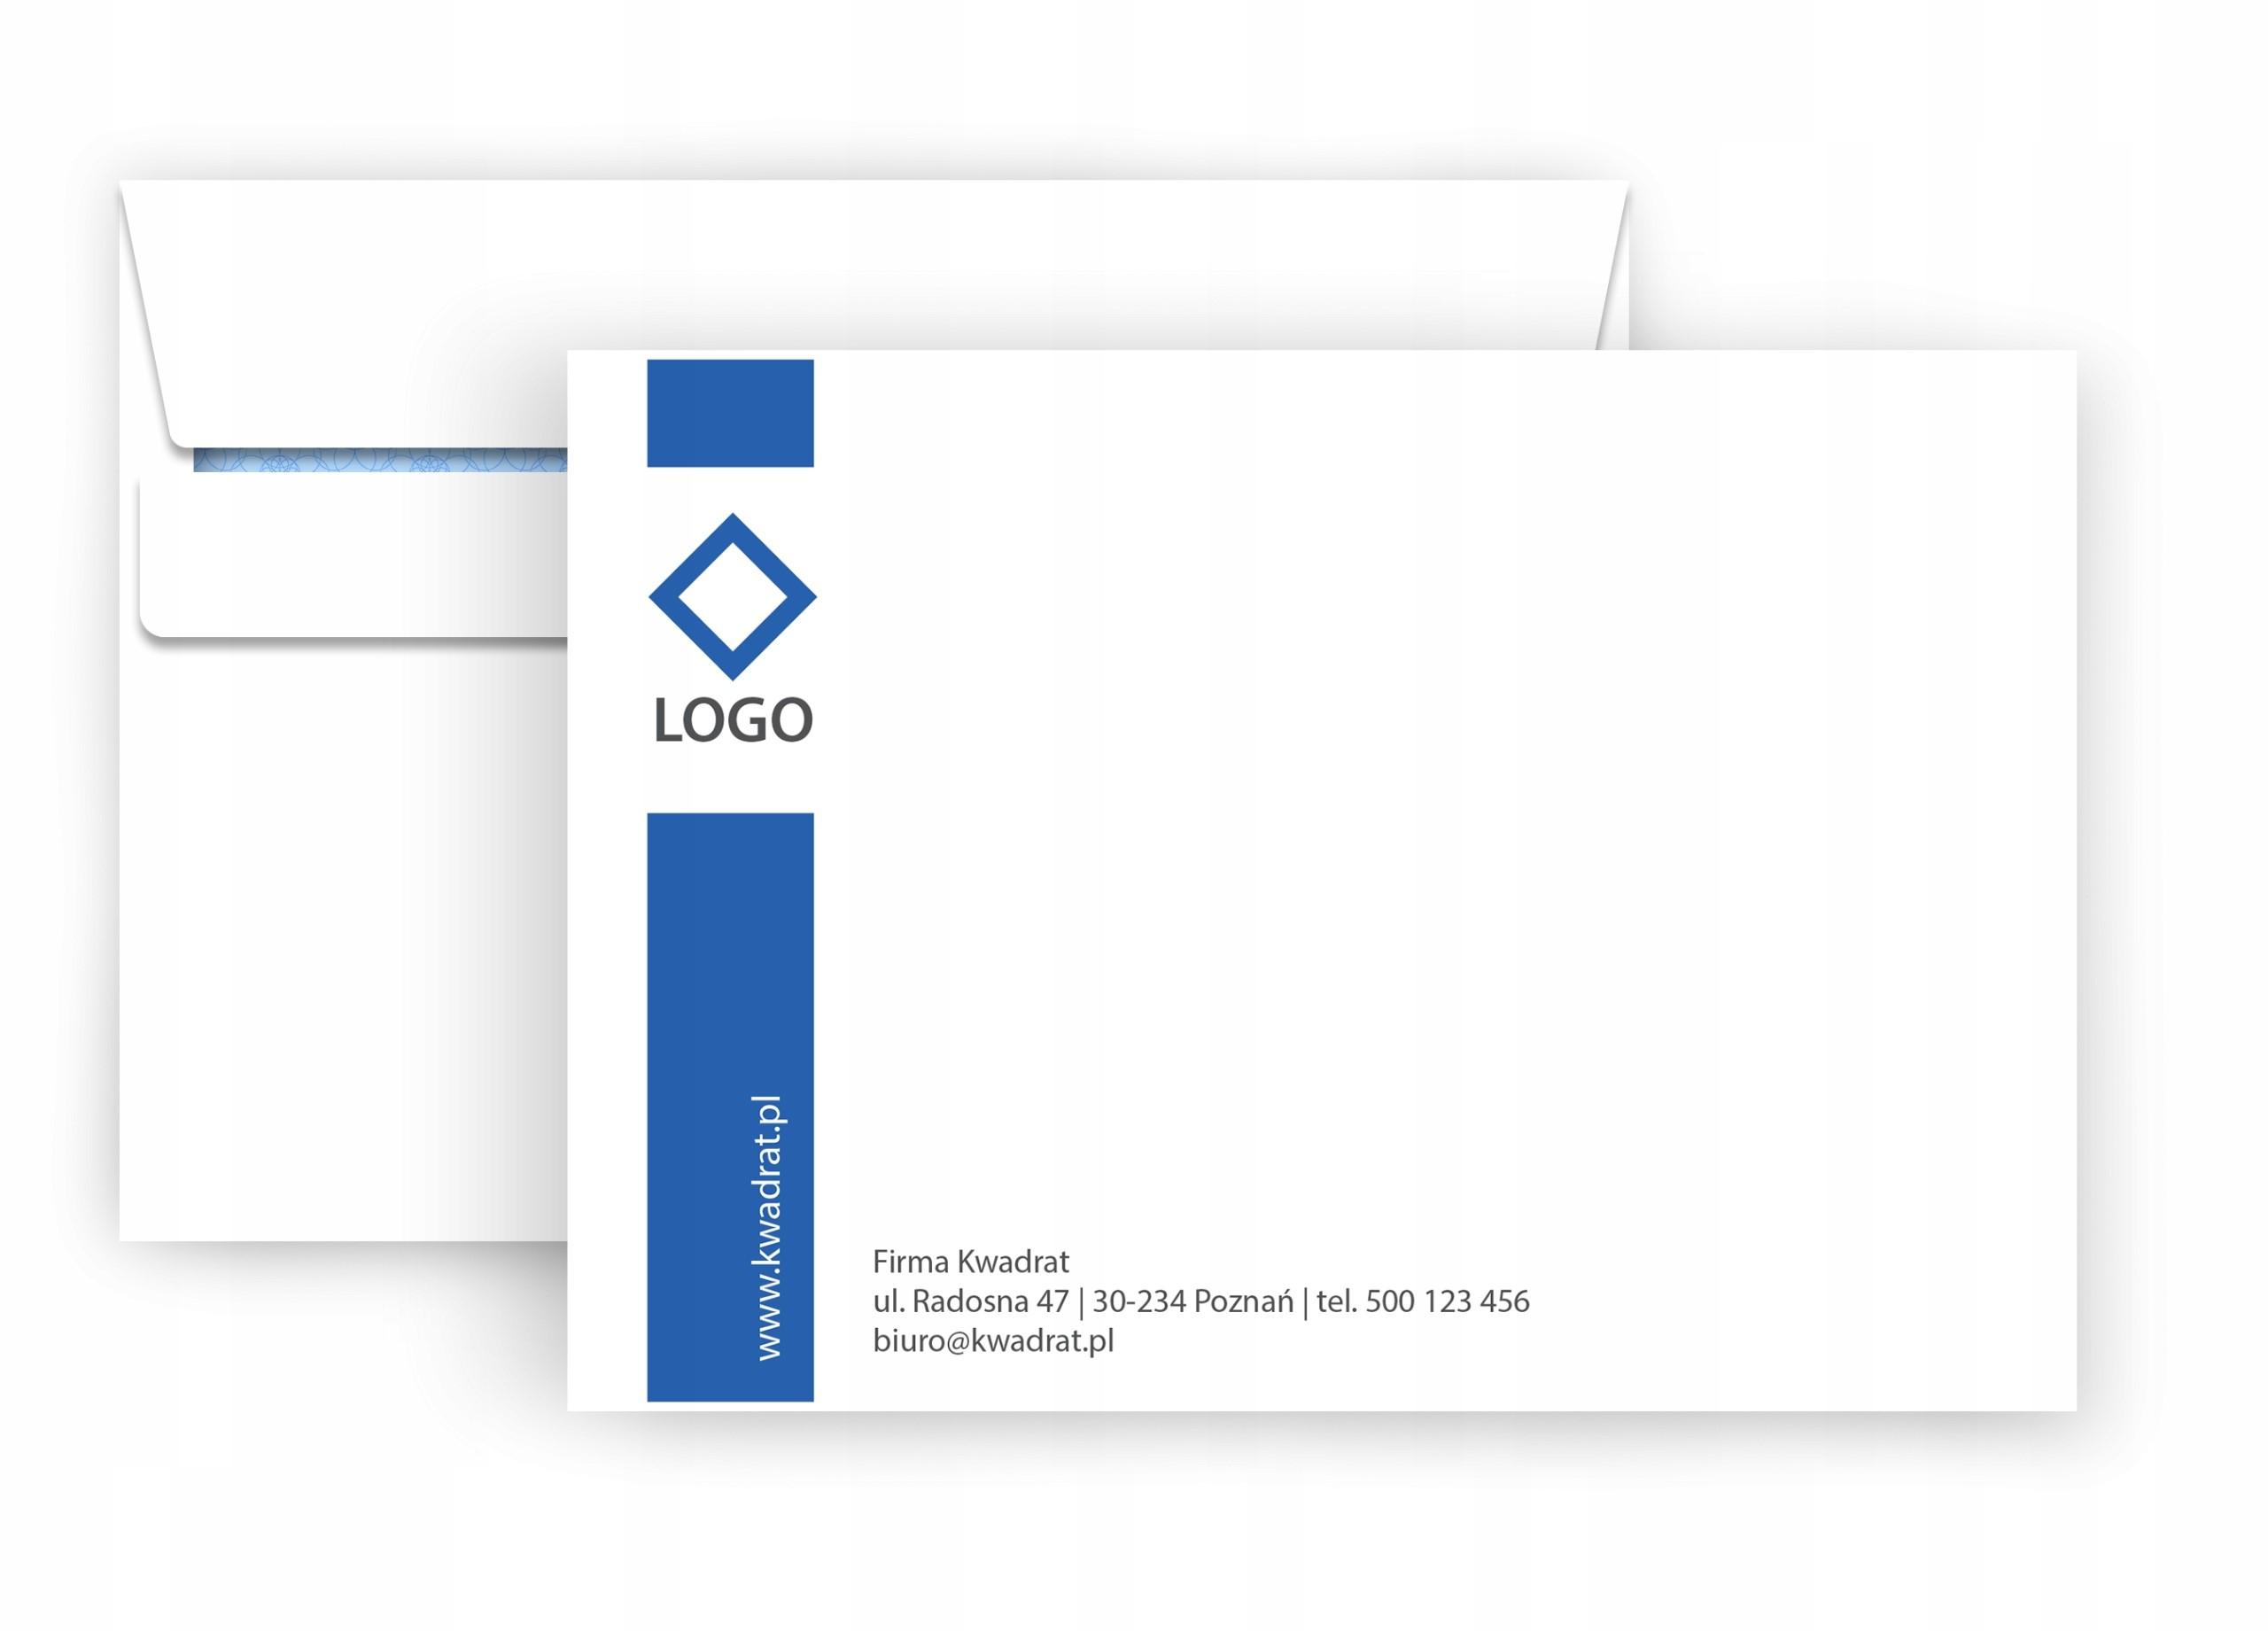 Печать фирменных конвертов в Москве | фото 2